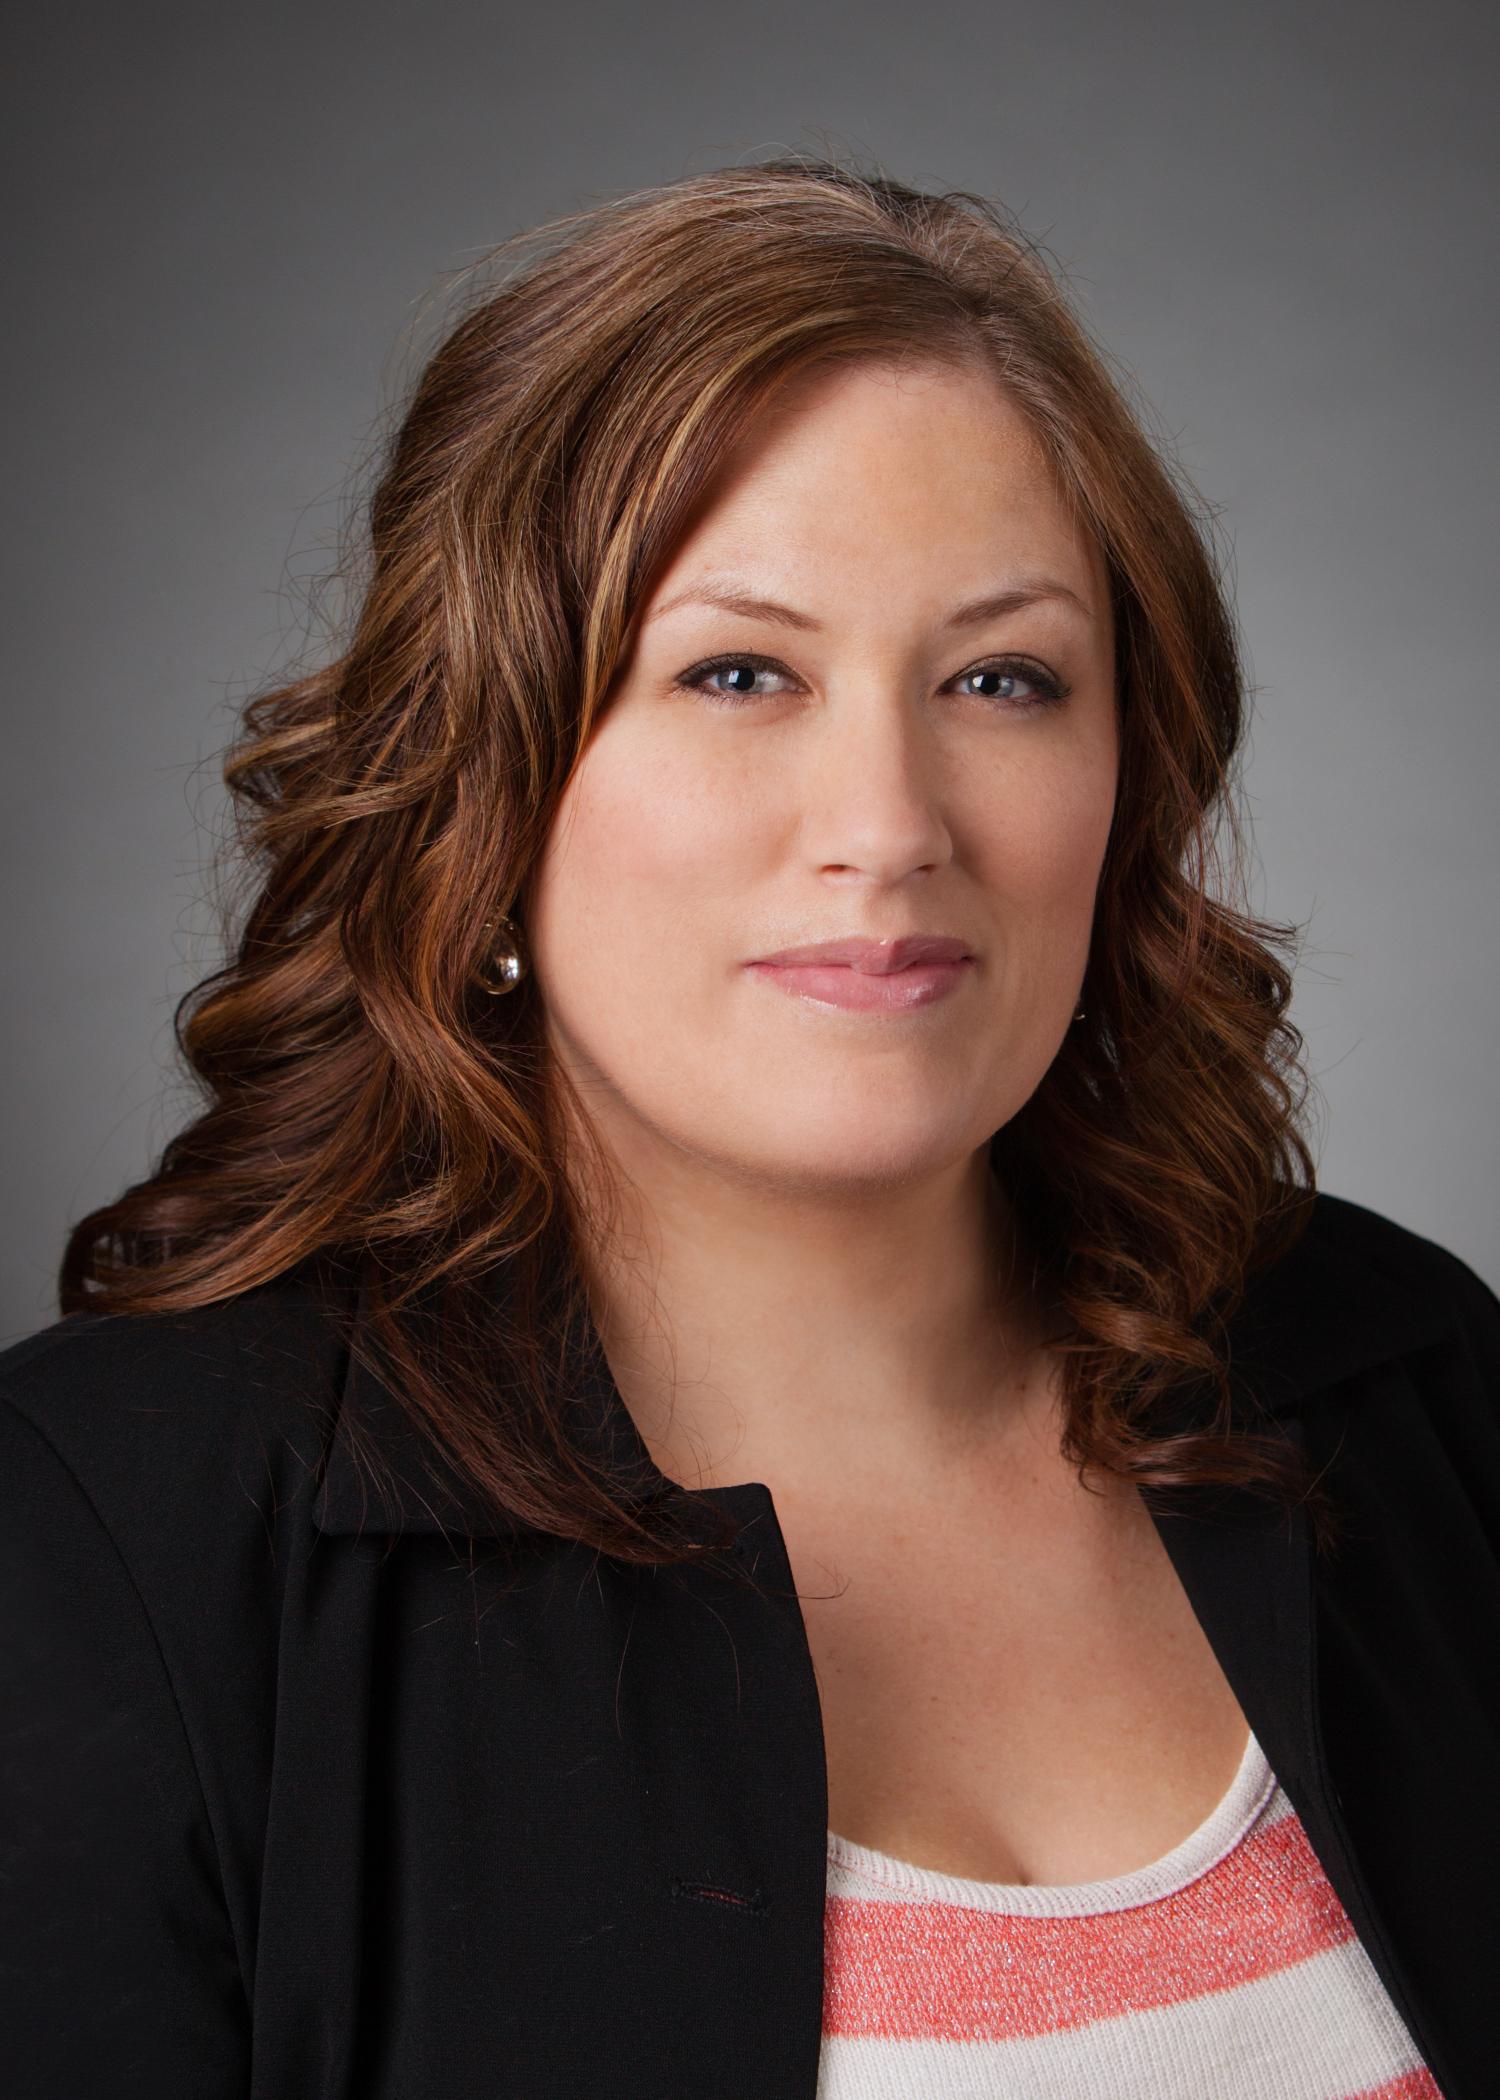 Marlene Wagner